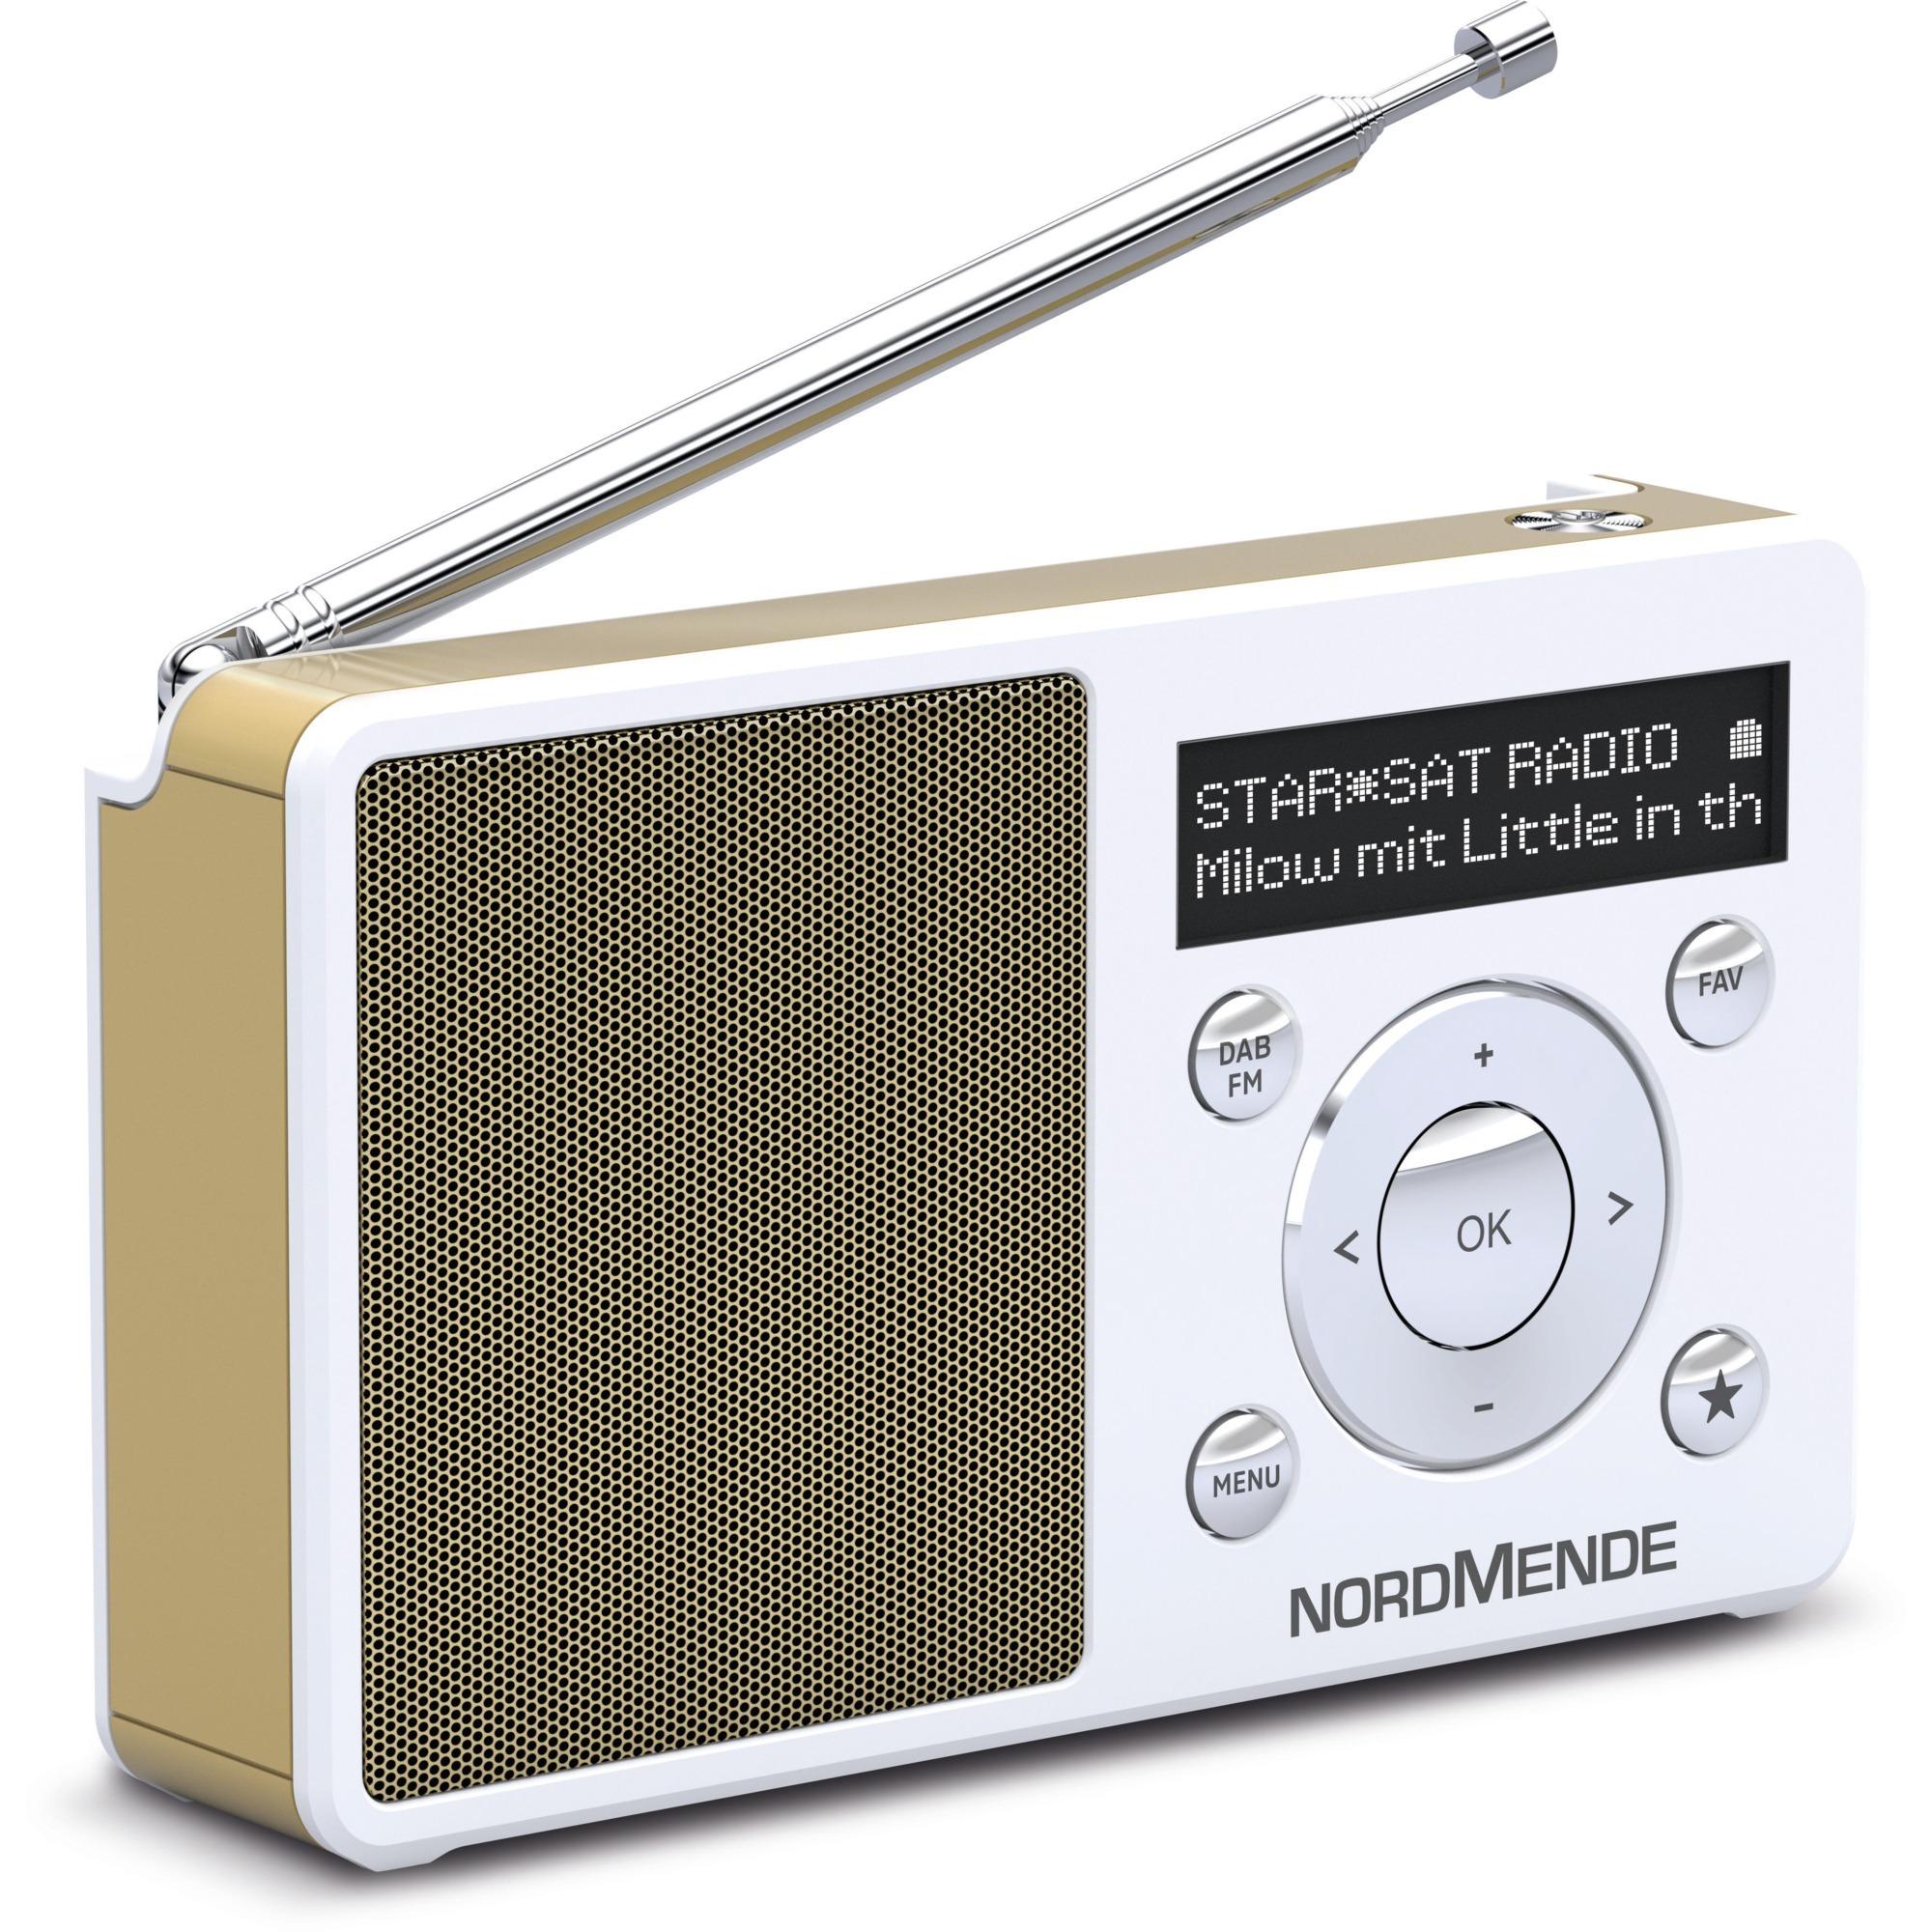 78-3007-00, Radio